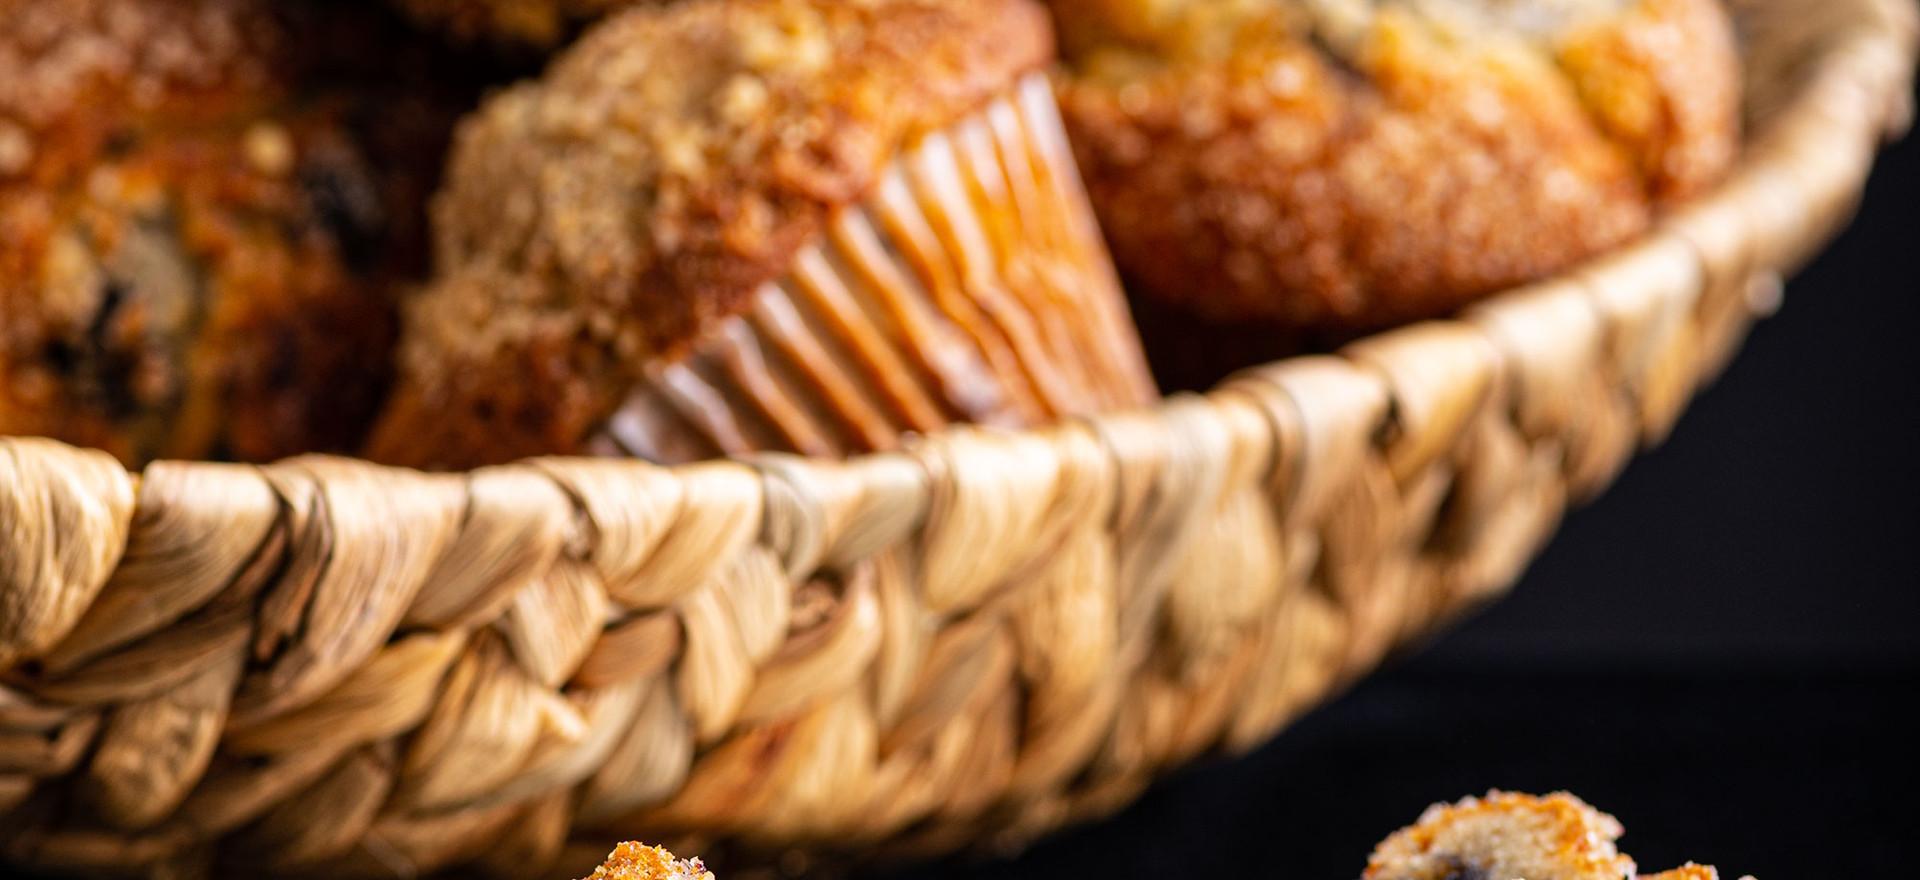 _6102615 muffin.jpg